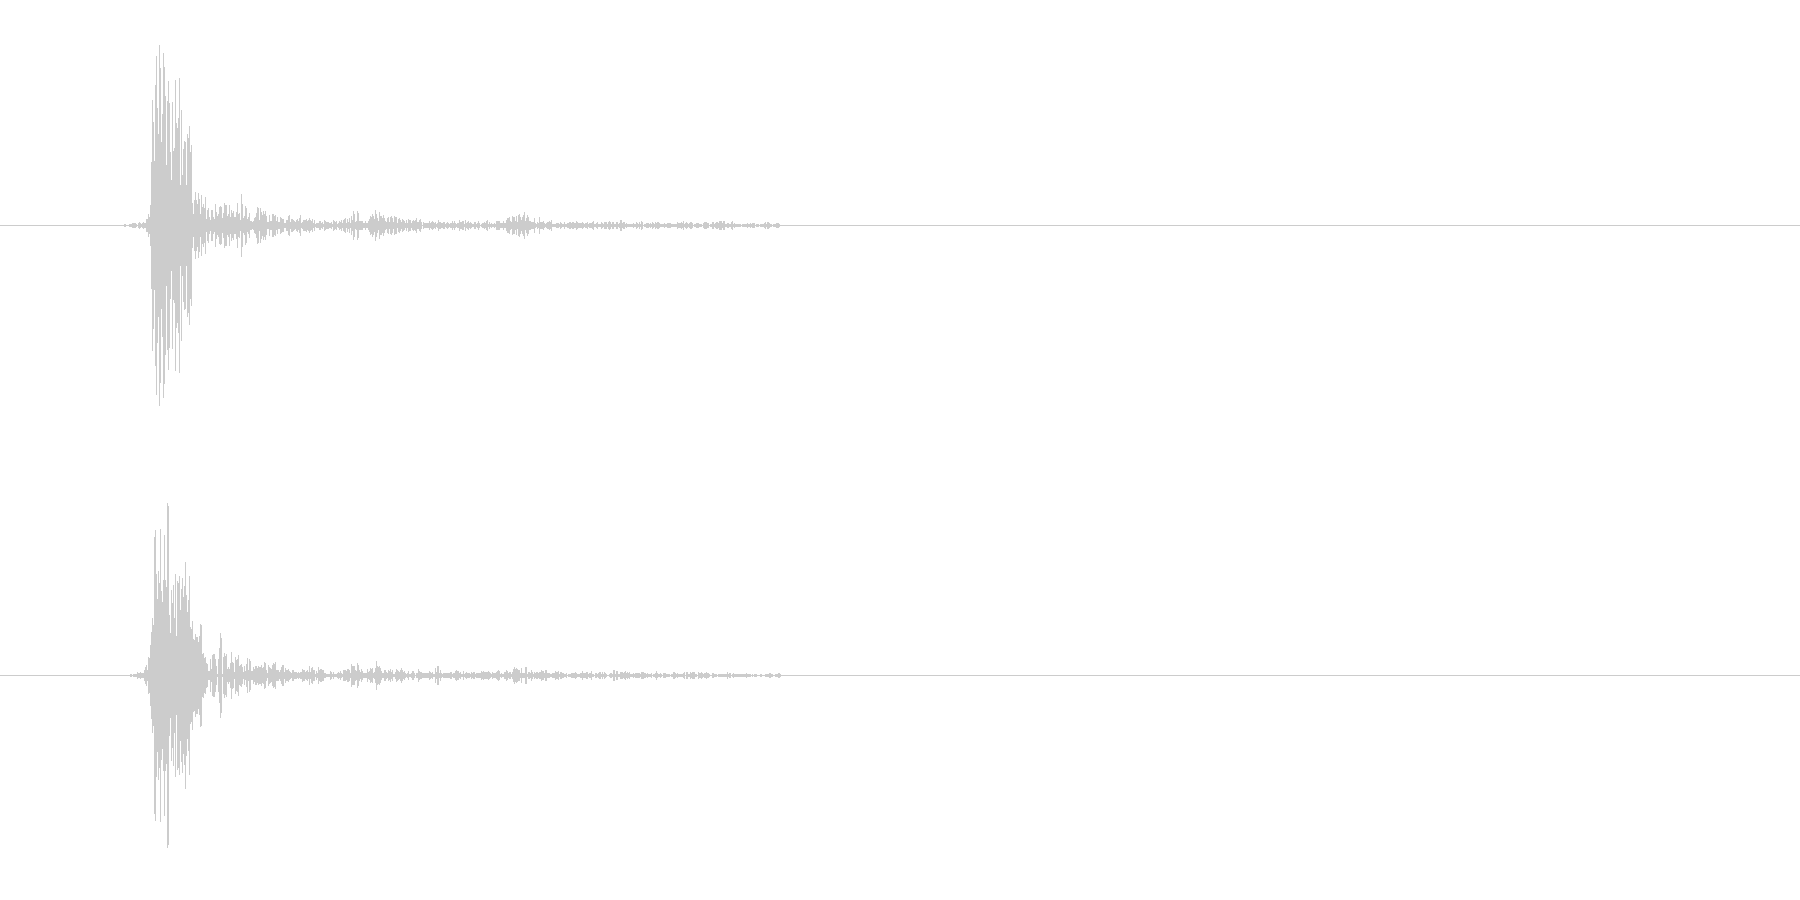 歯切れの良いカッという効果音の未再生の波形